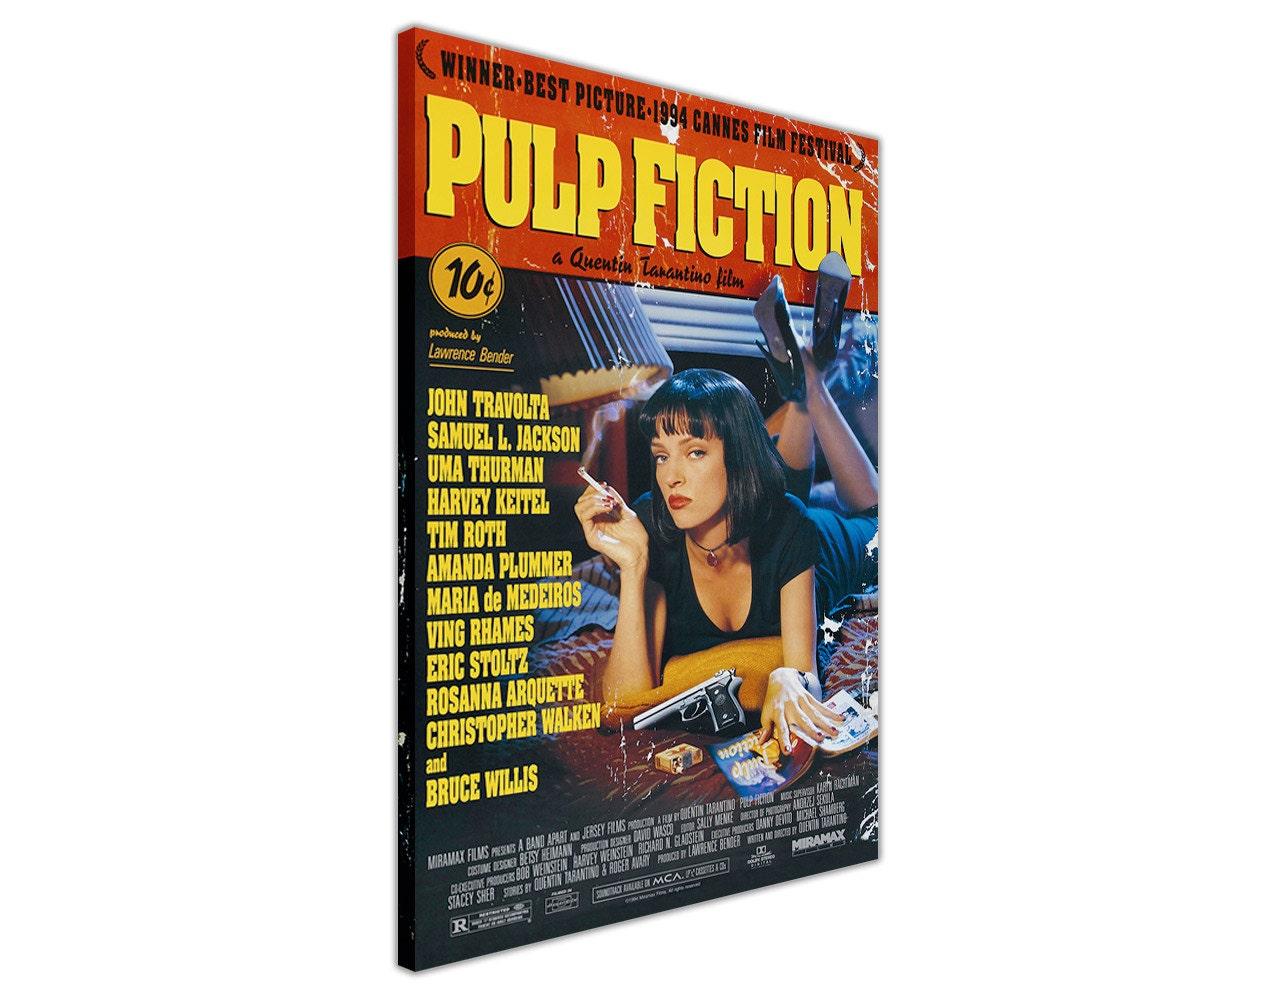 Ikonischen Pulp Fiction Film Poster gerahmt Canvas Prints Home Dekoration  Wandkunst Bilder Poster Film Bilder Ready To Hang 20MM Rahmen